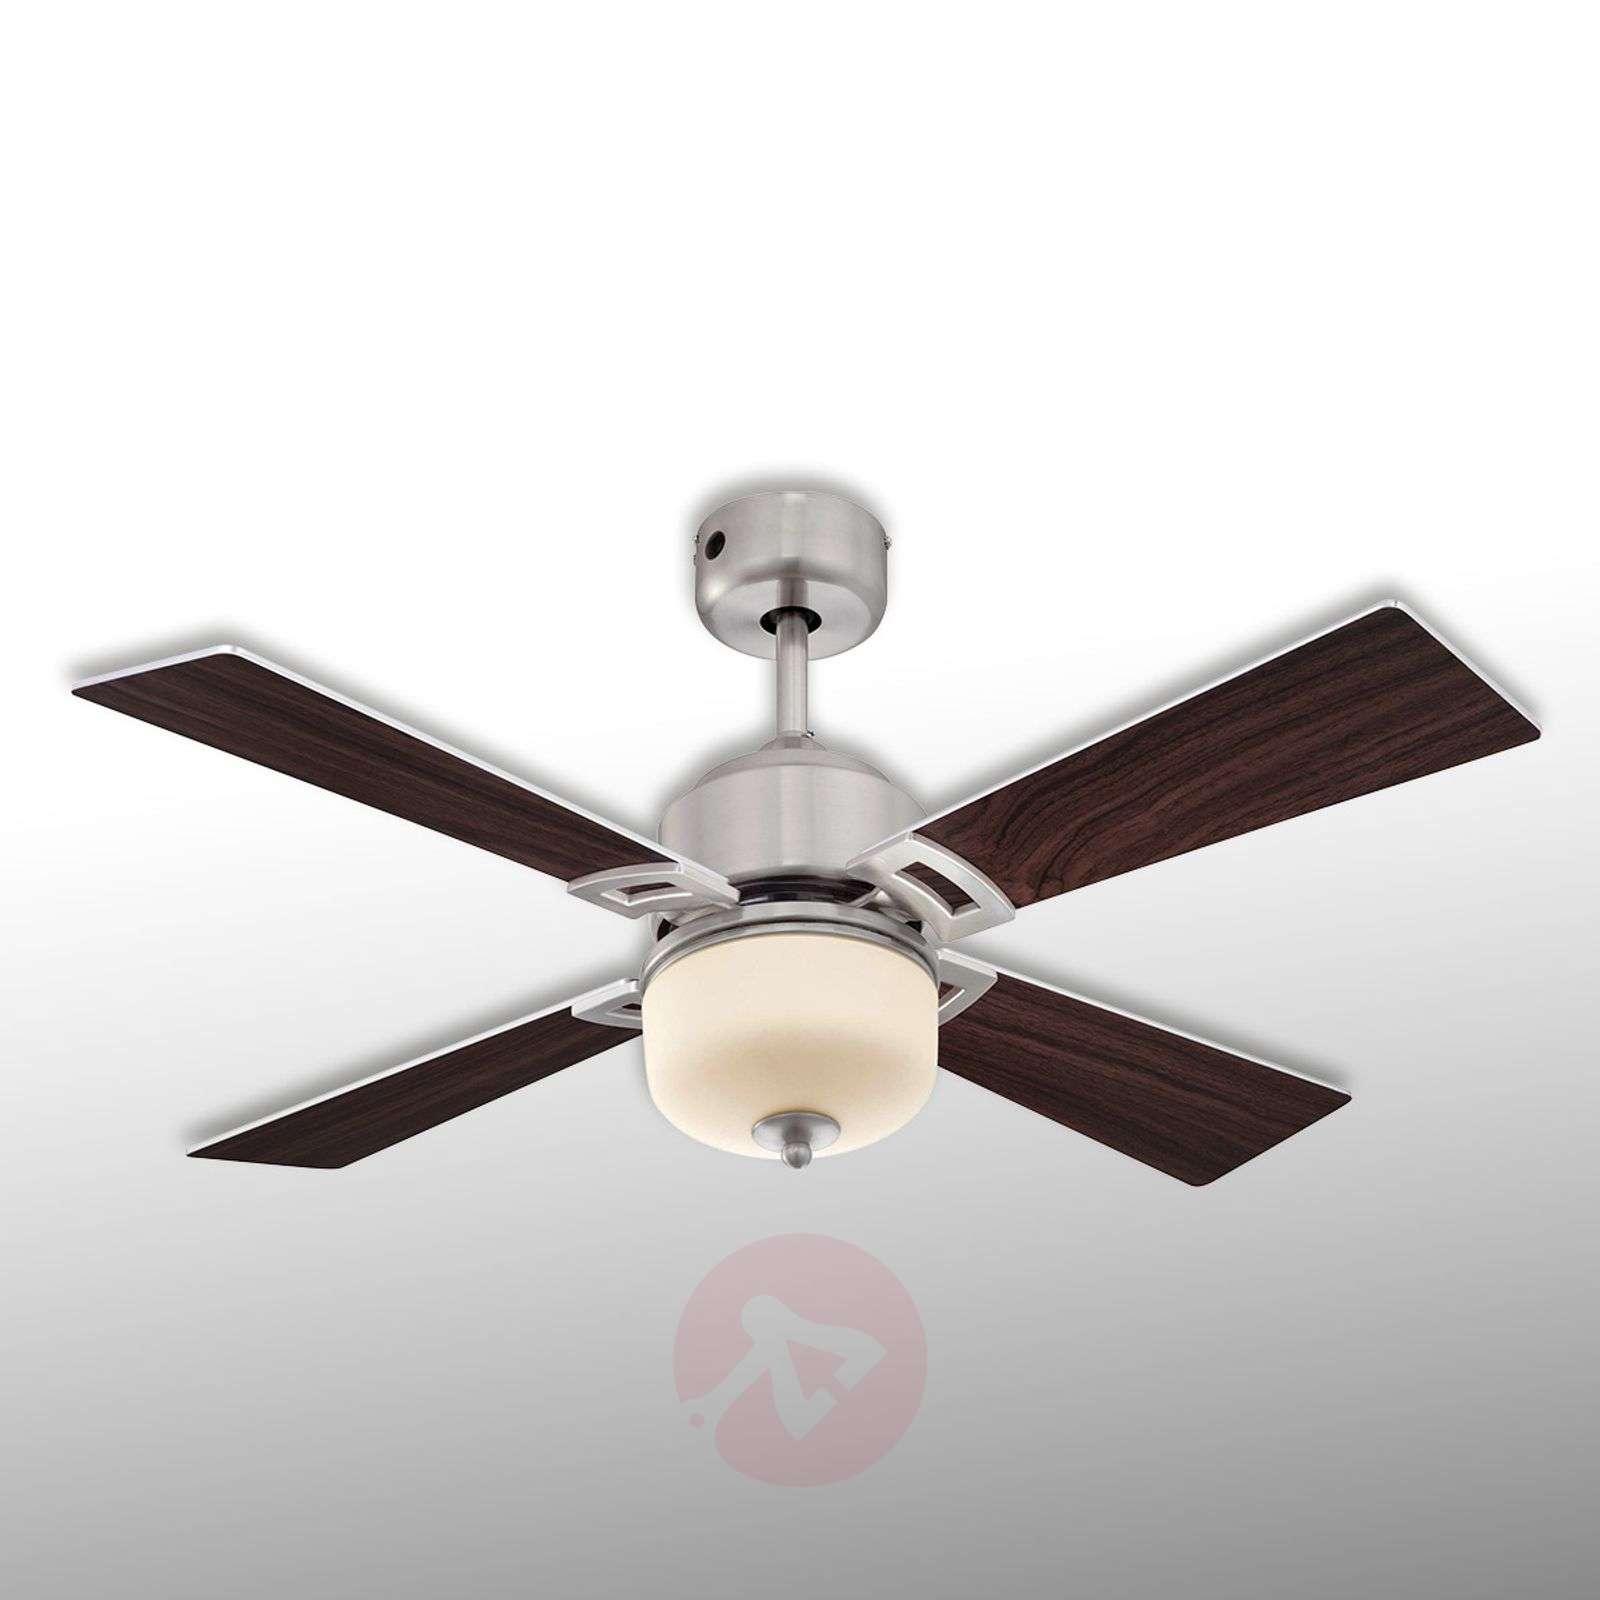 Athena Led Ceiling Fan 9602256 01